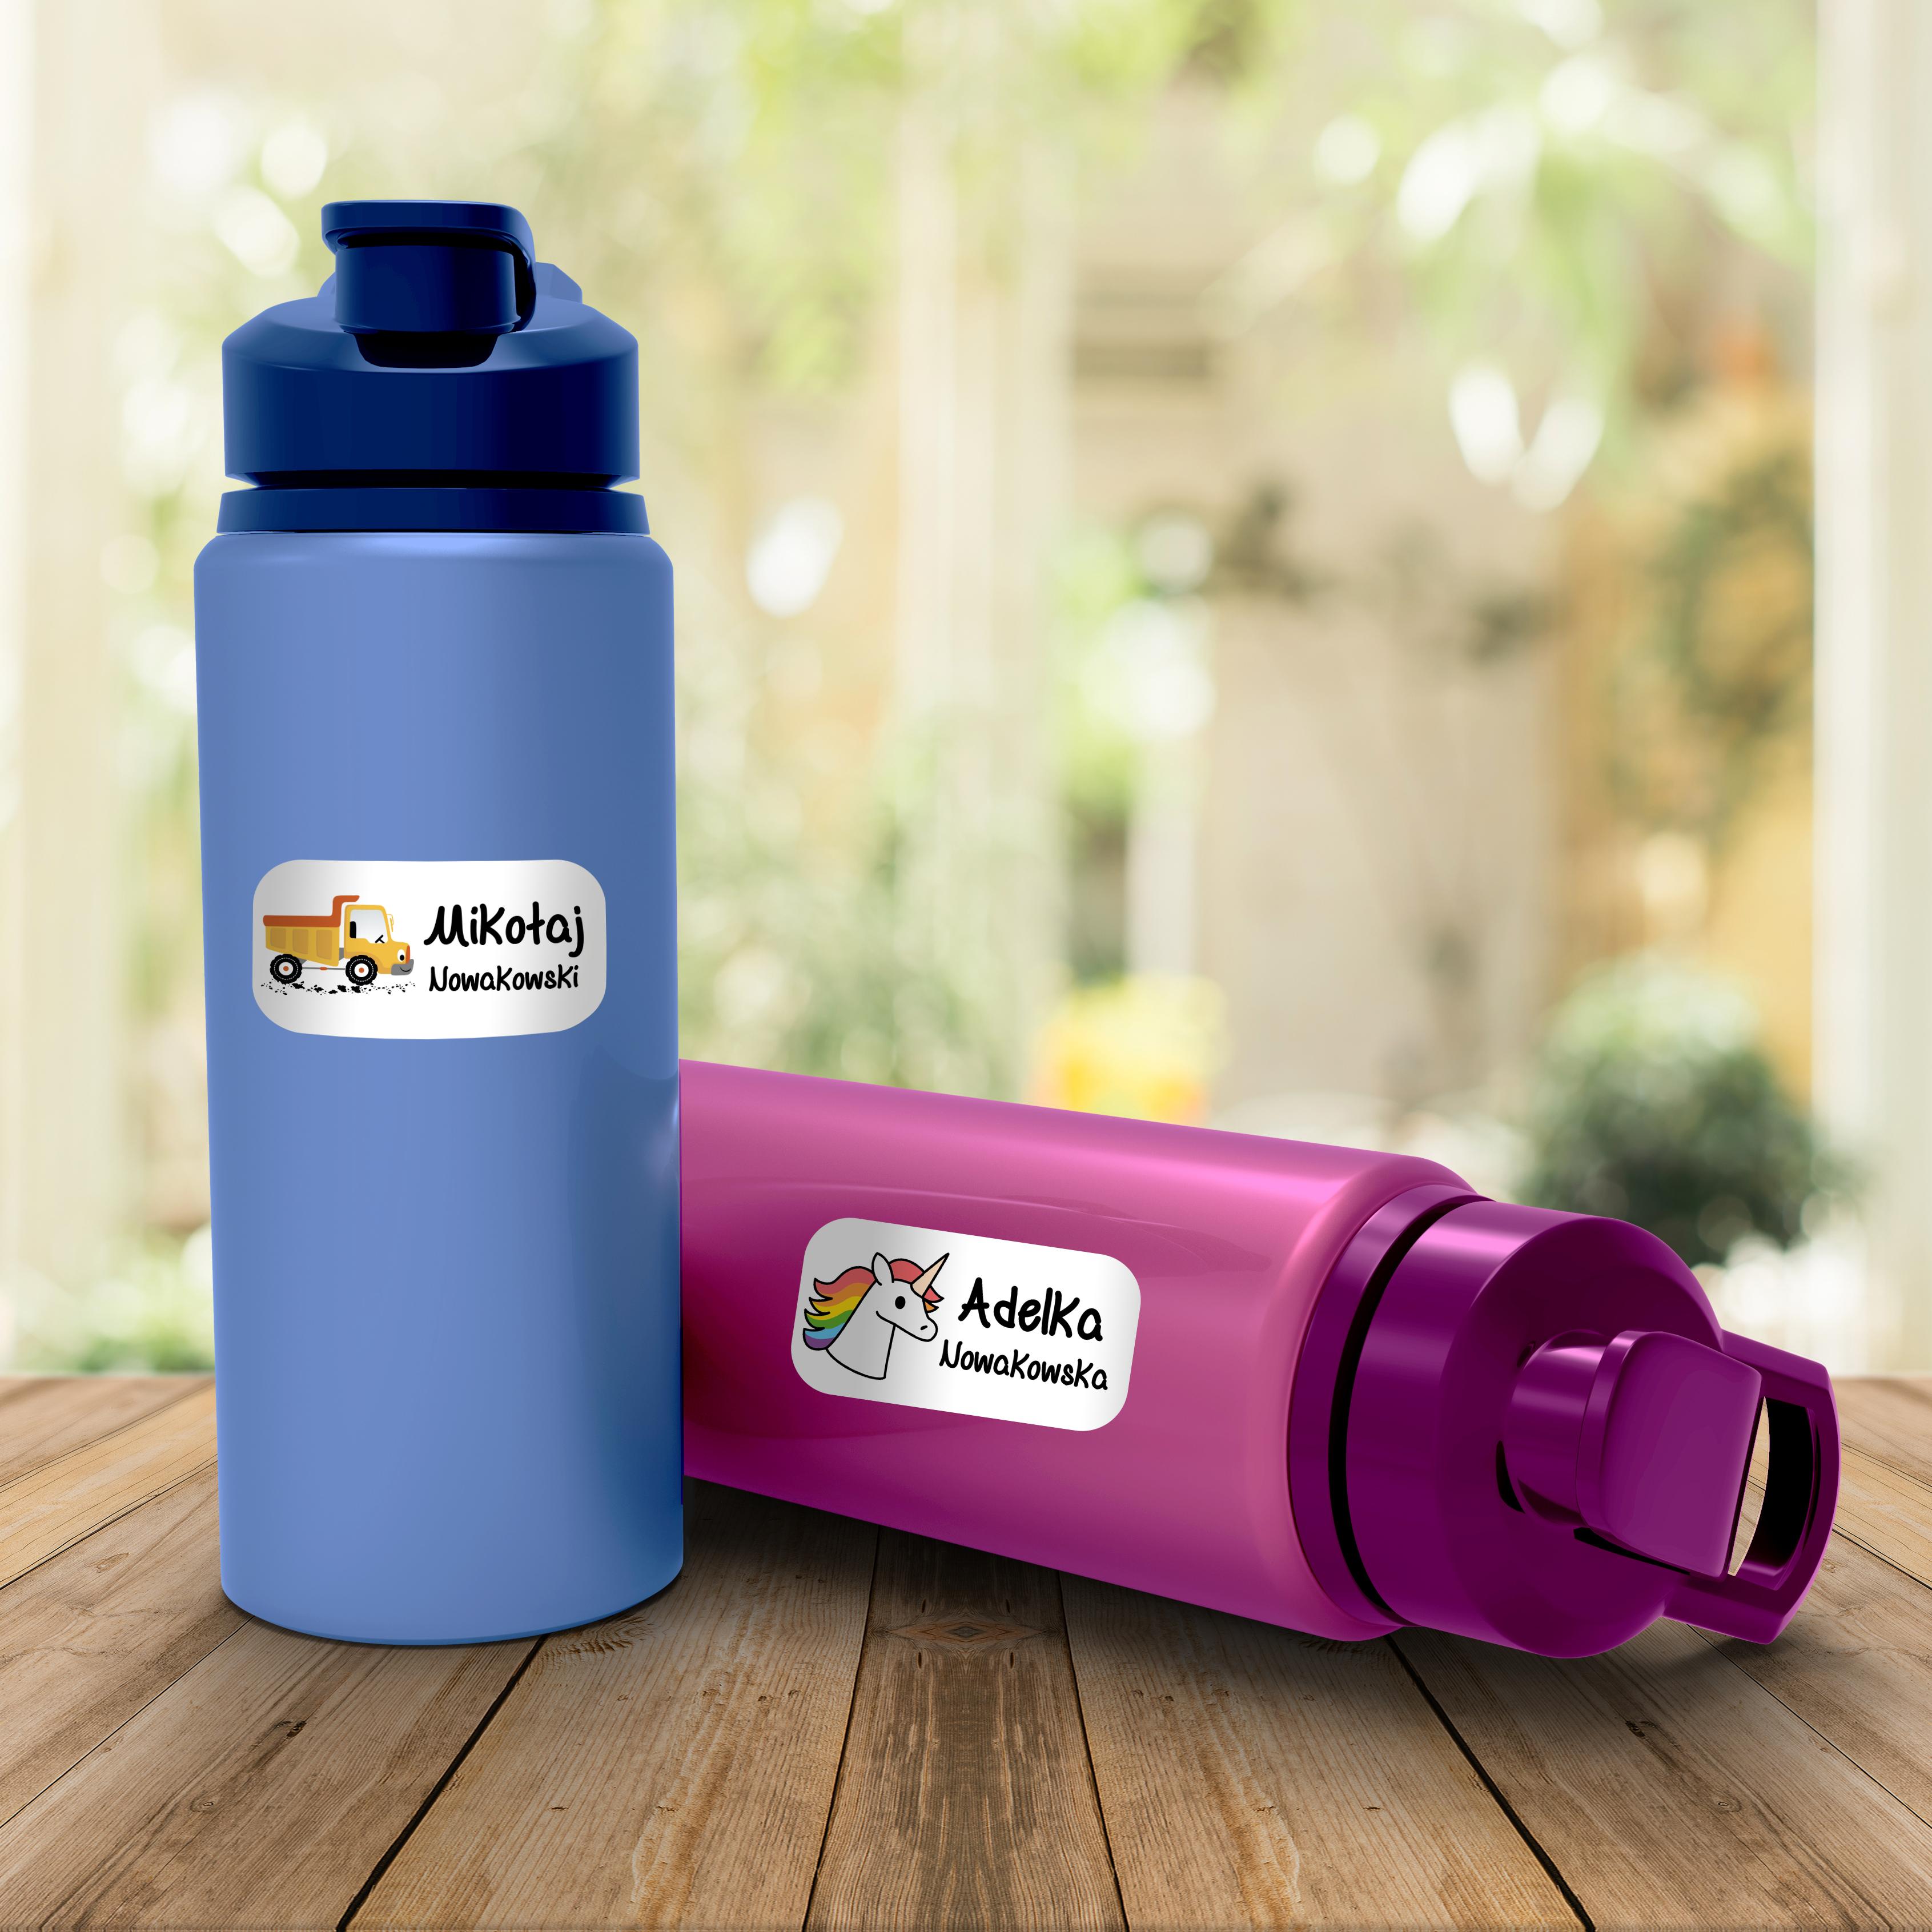 Naklejki szkolne imienne wodoodporne imienniki na przybory szkolne metki twój własny nadruk